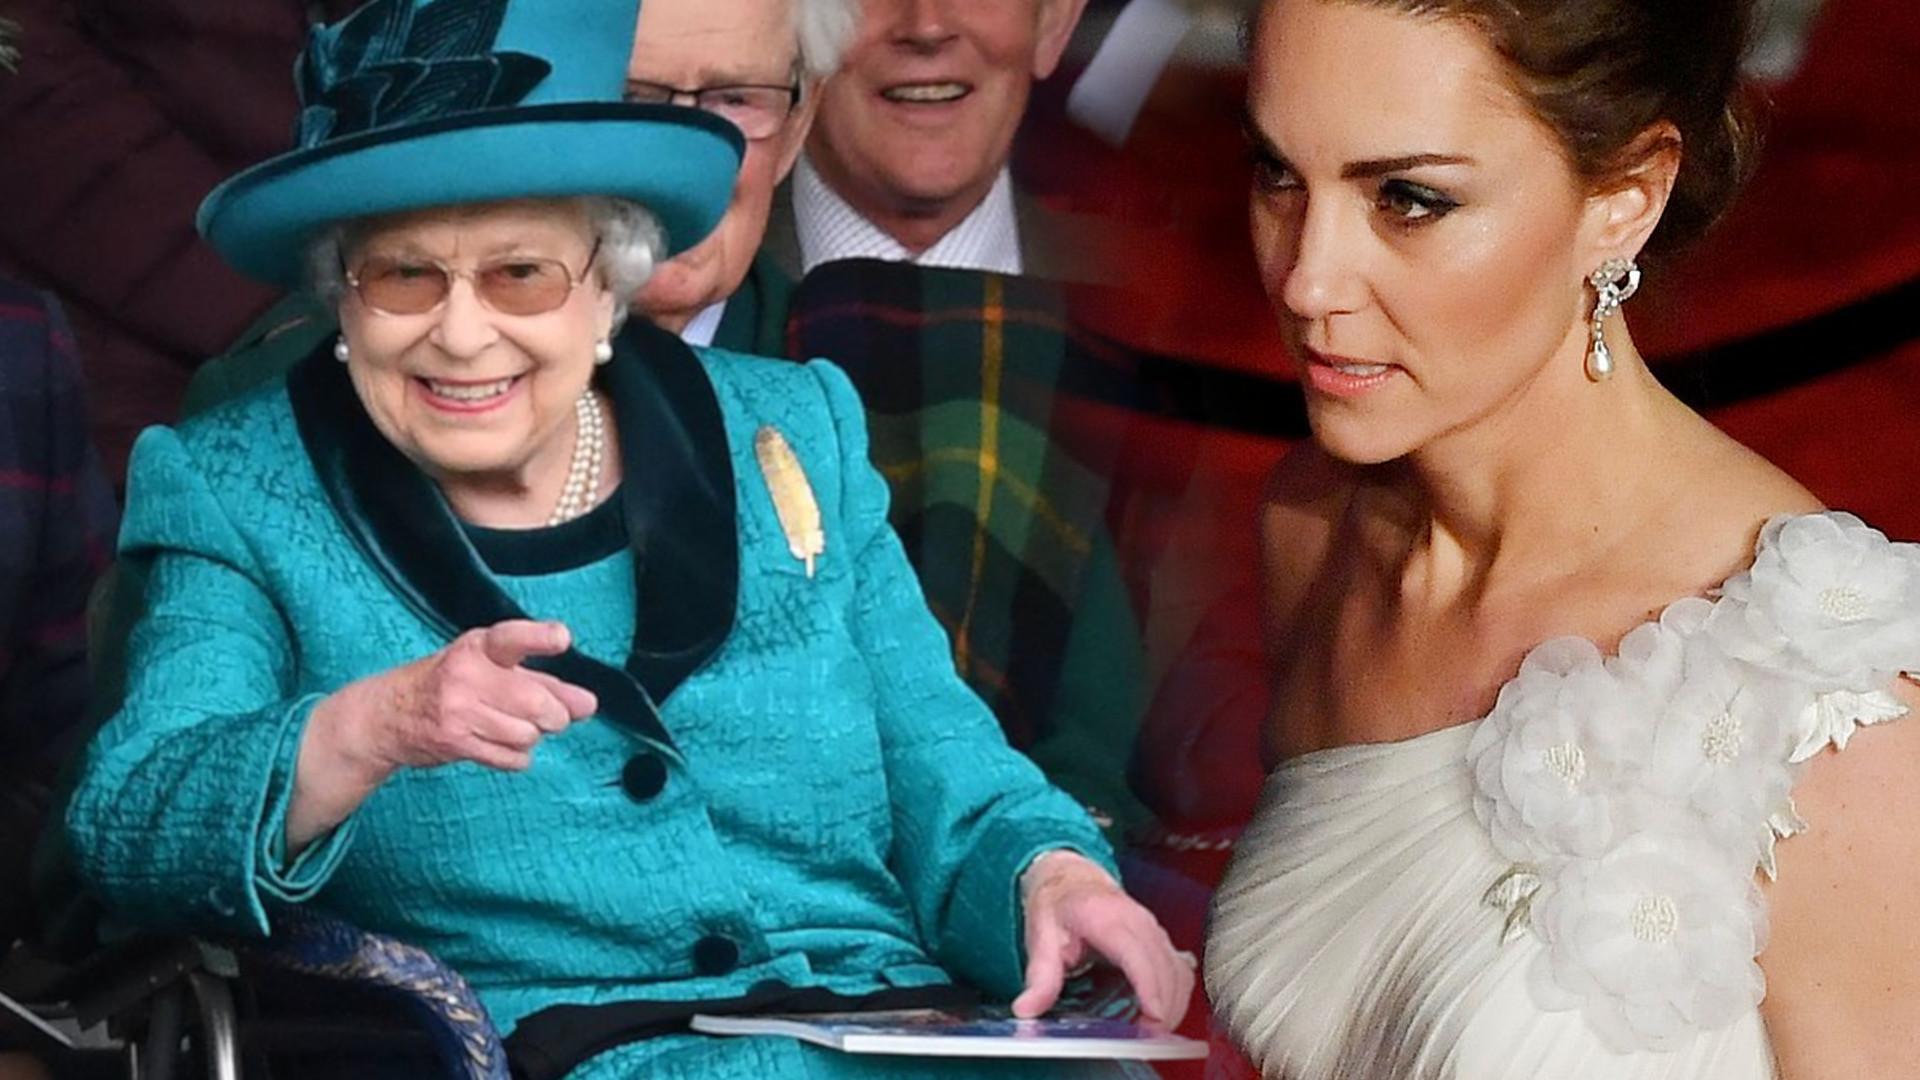 Królowa SKRYTYKOWAŁA księżną Kate za to zachowanie